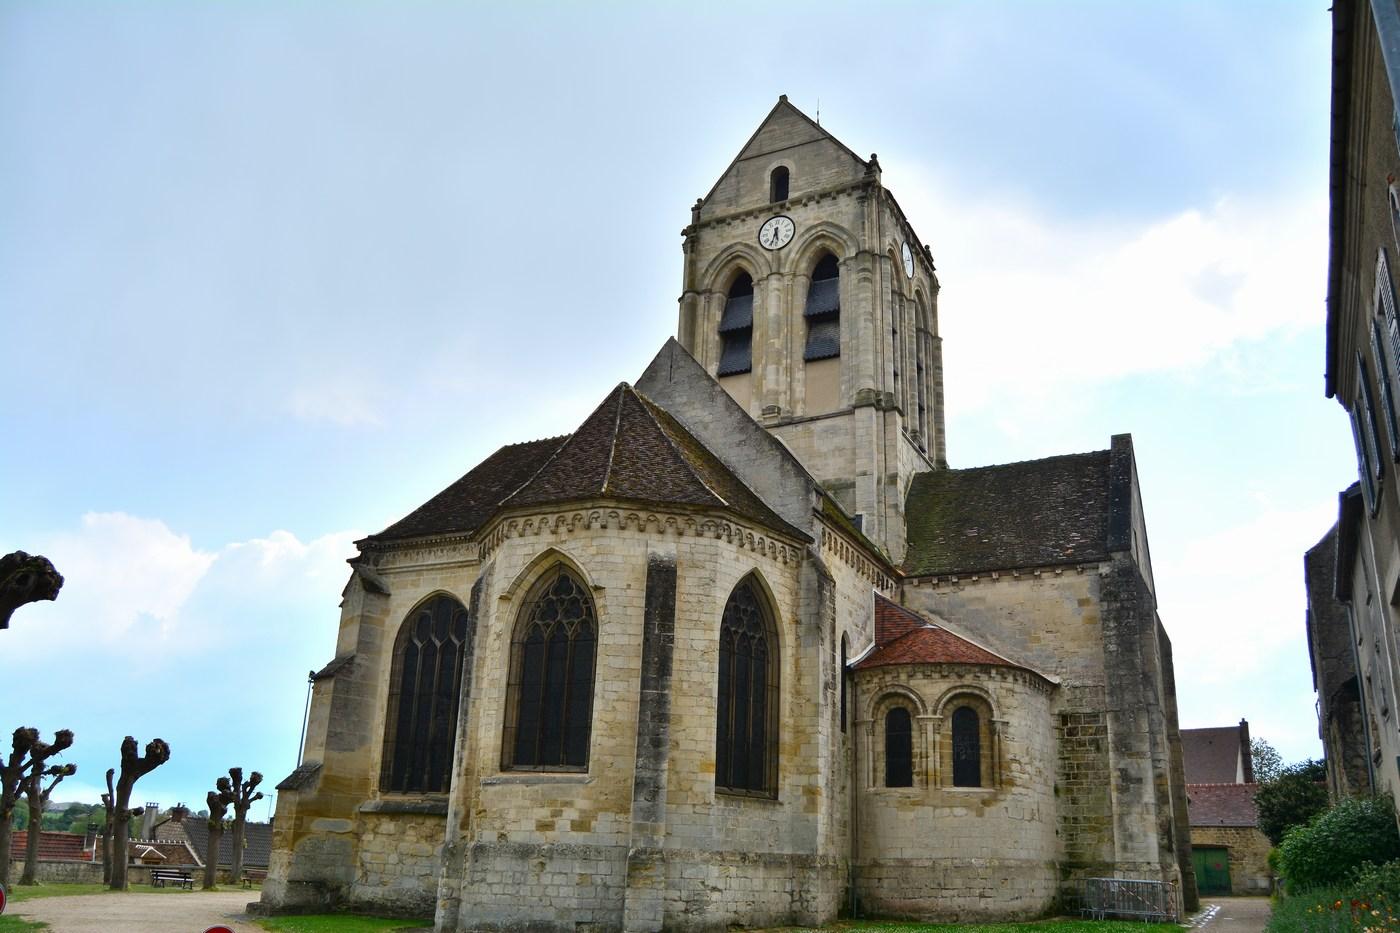 la fameuse église d'Auvers-sur-Oise